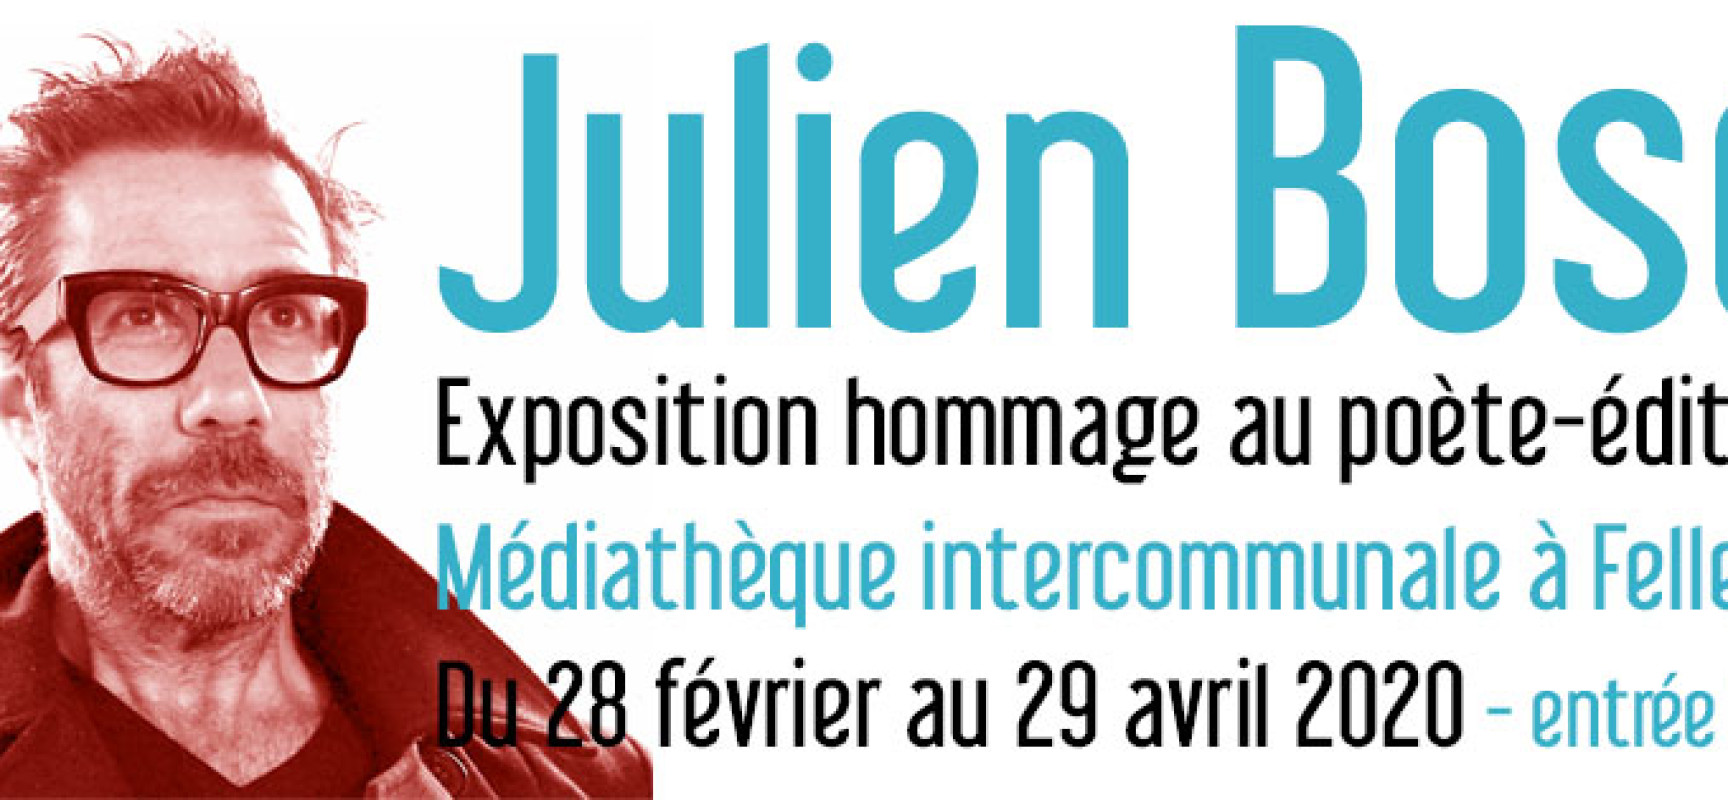 [Exposition] Julien Bosc – hommage au poète-éditeur du 28 février au 29 avril 2020